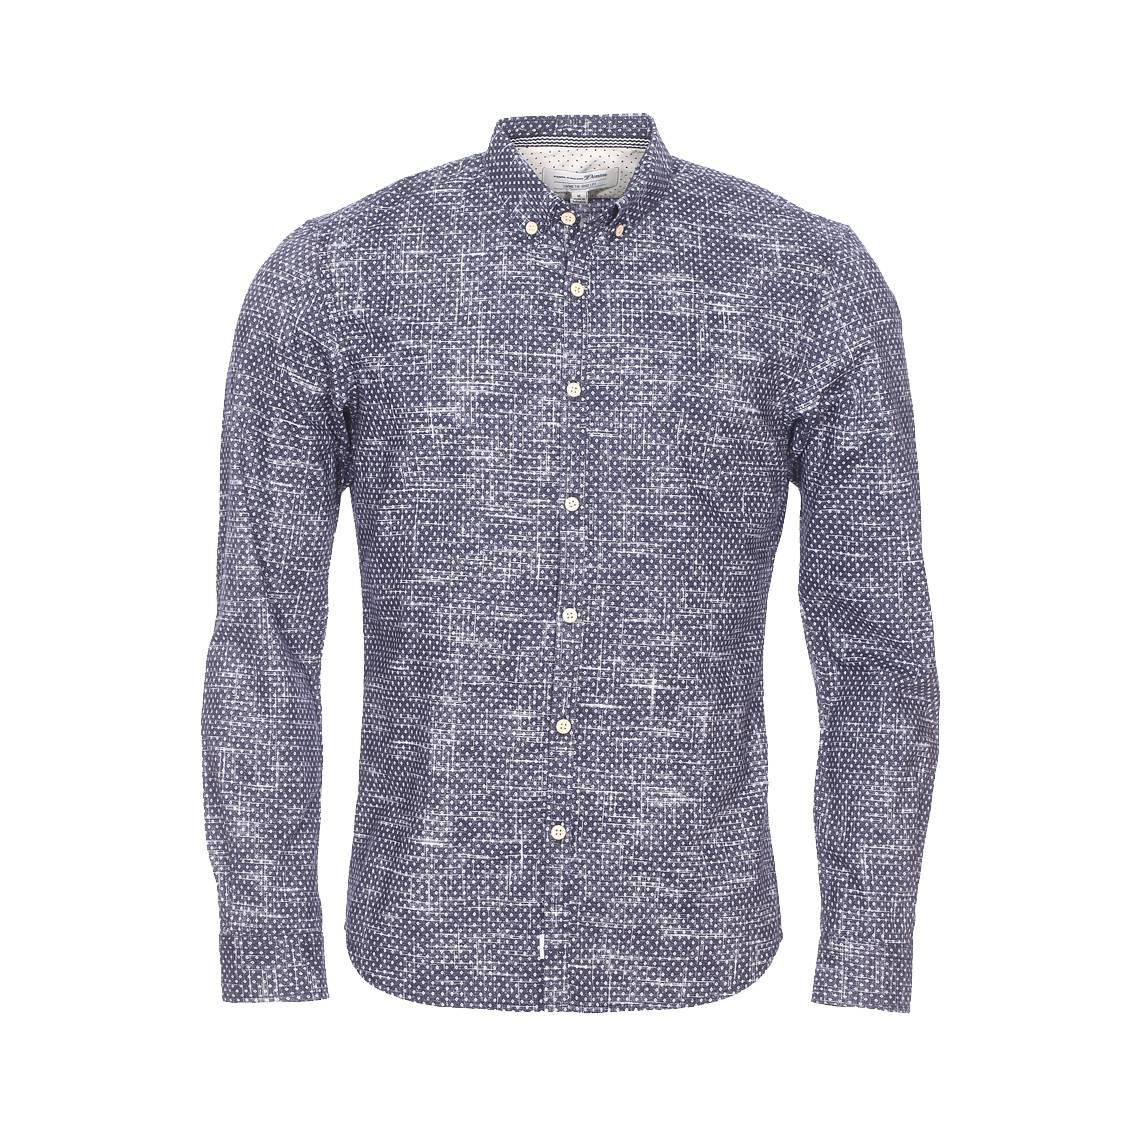 Chemise ajustée  bleu nuit à imprimés losanges et traits blancs patinés